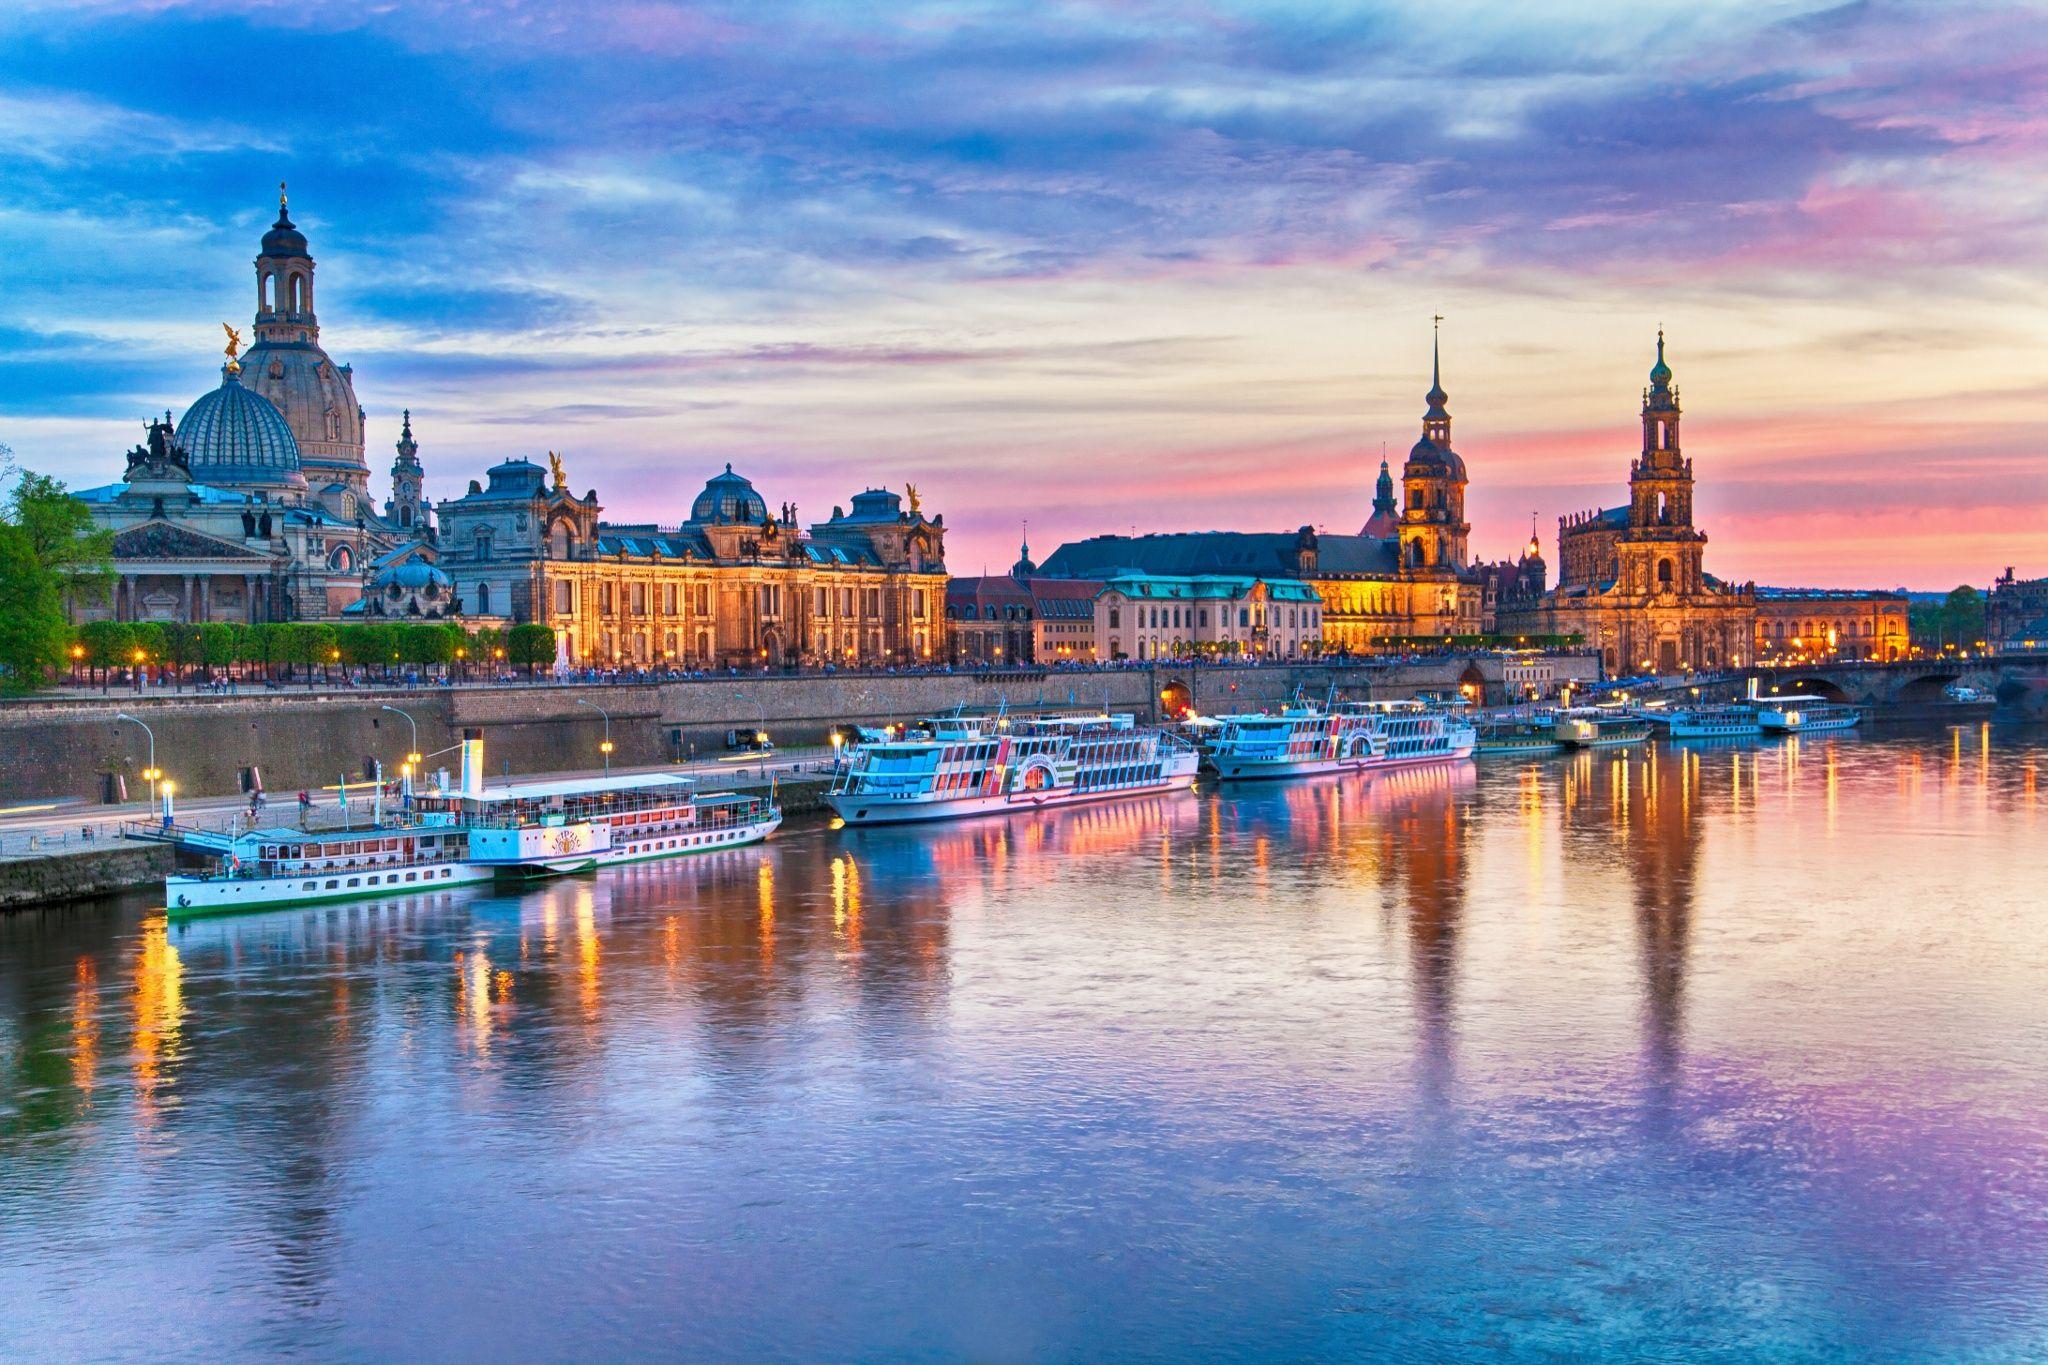 Photo Dresden by Sabine Klein on 500px